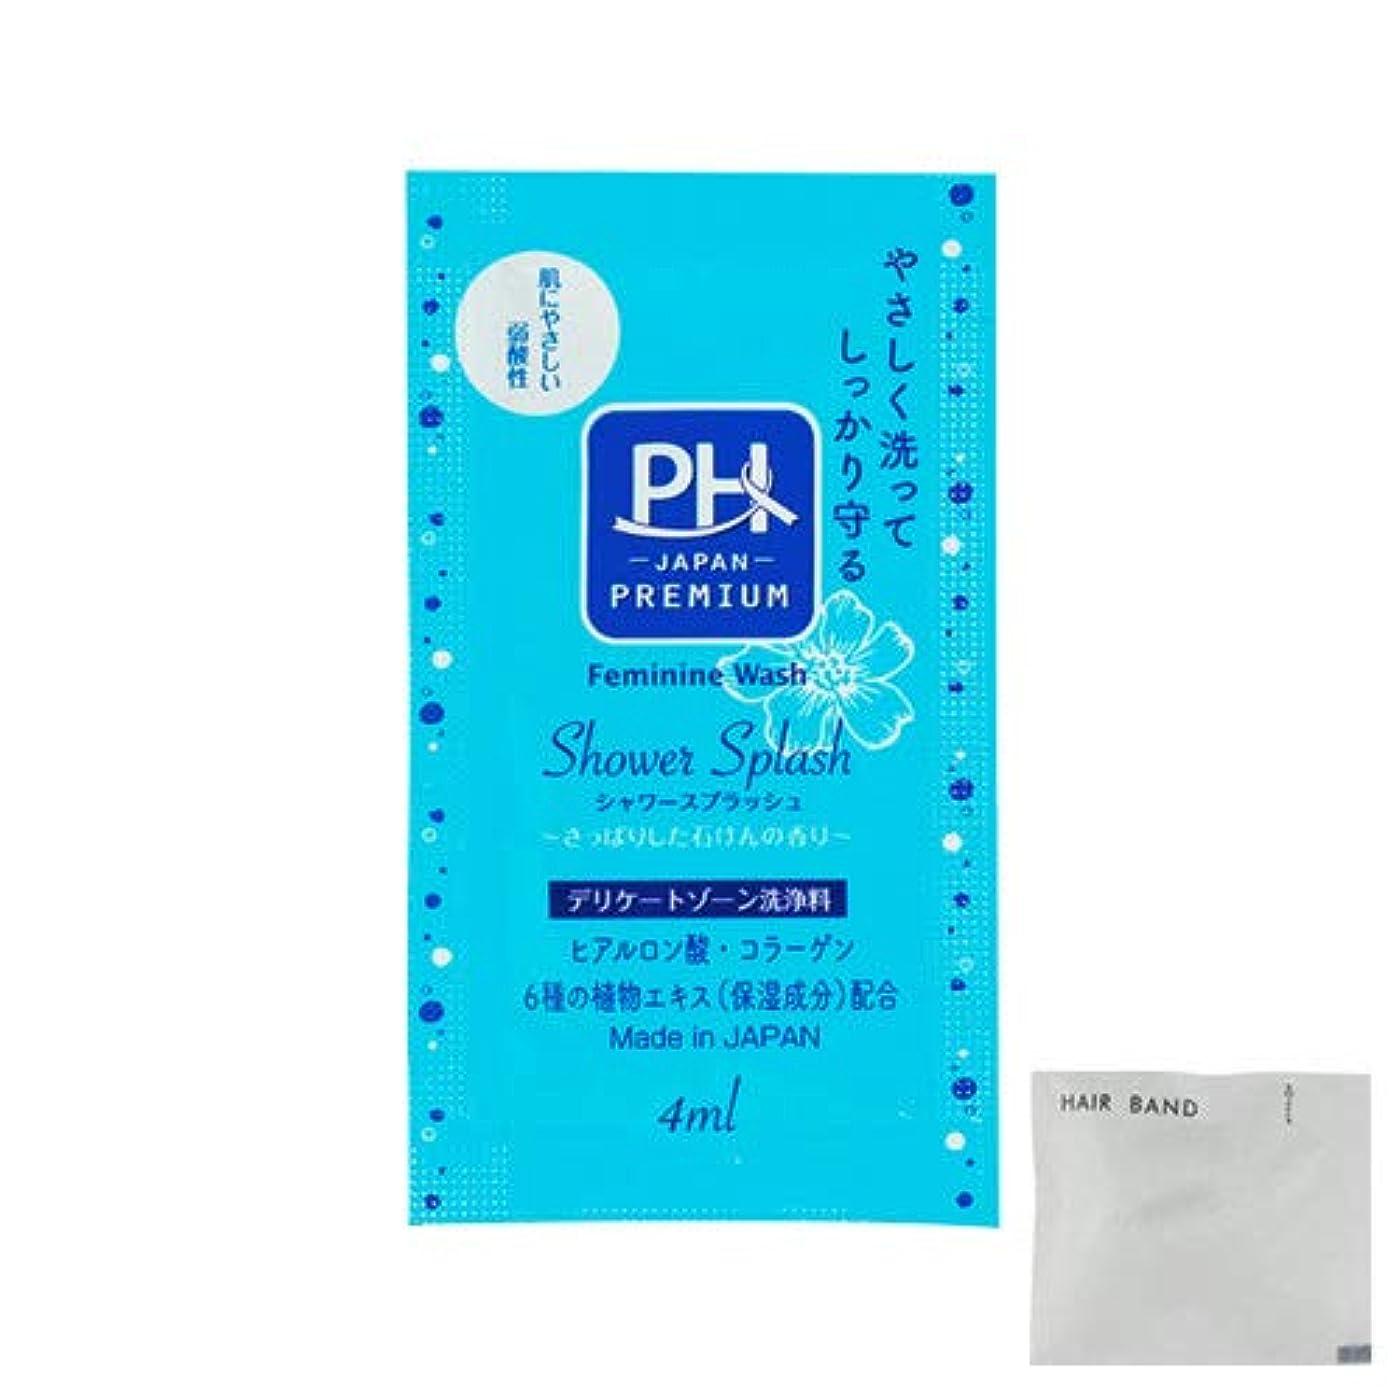 考えた容赦ない一流PH JAPAN プレミアム フェミニンウォッシュ シャワースプラッシュ 4mL(お試し用)×10個 + ヘアゴム(カラーはおまかせ)セット